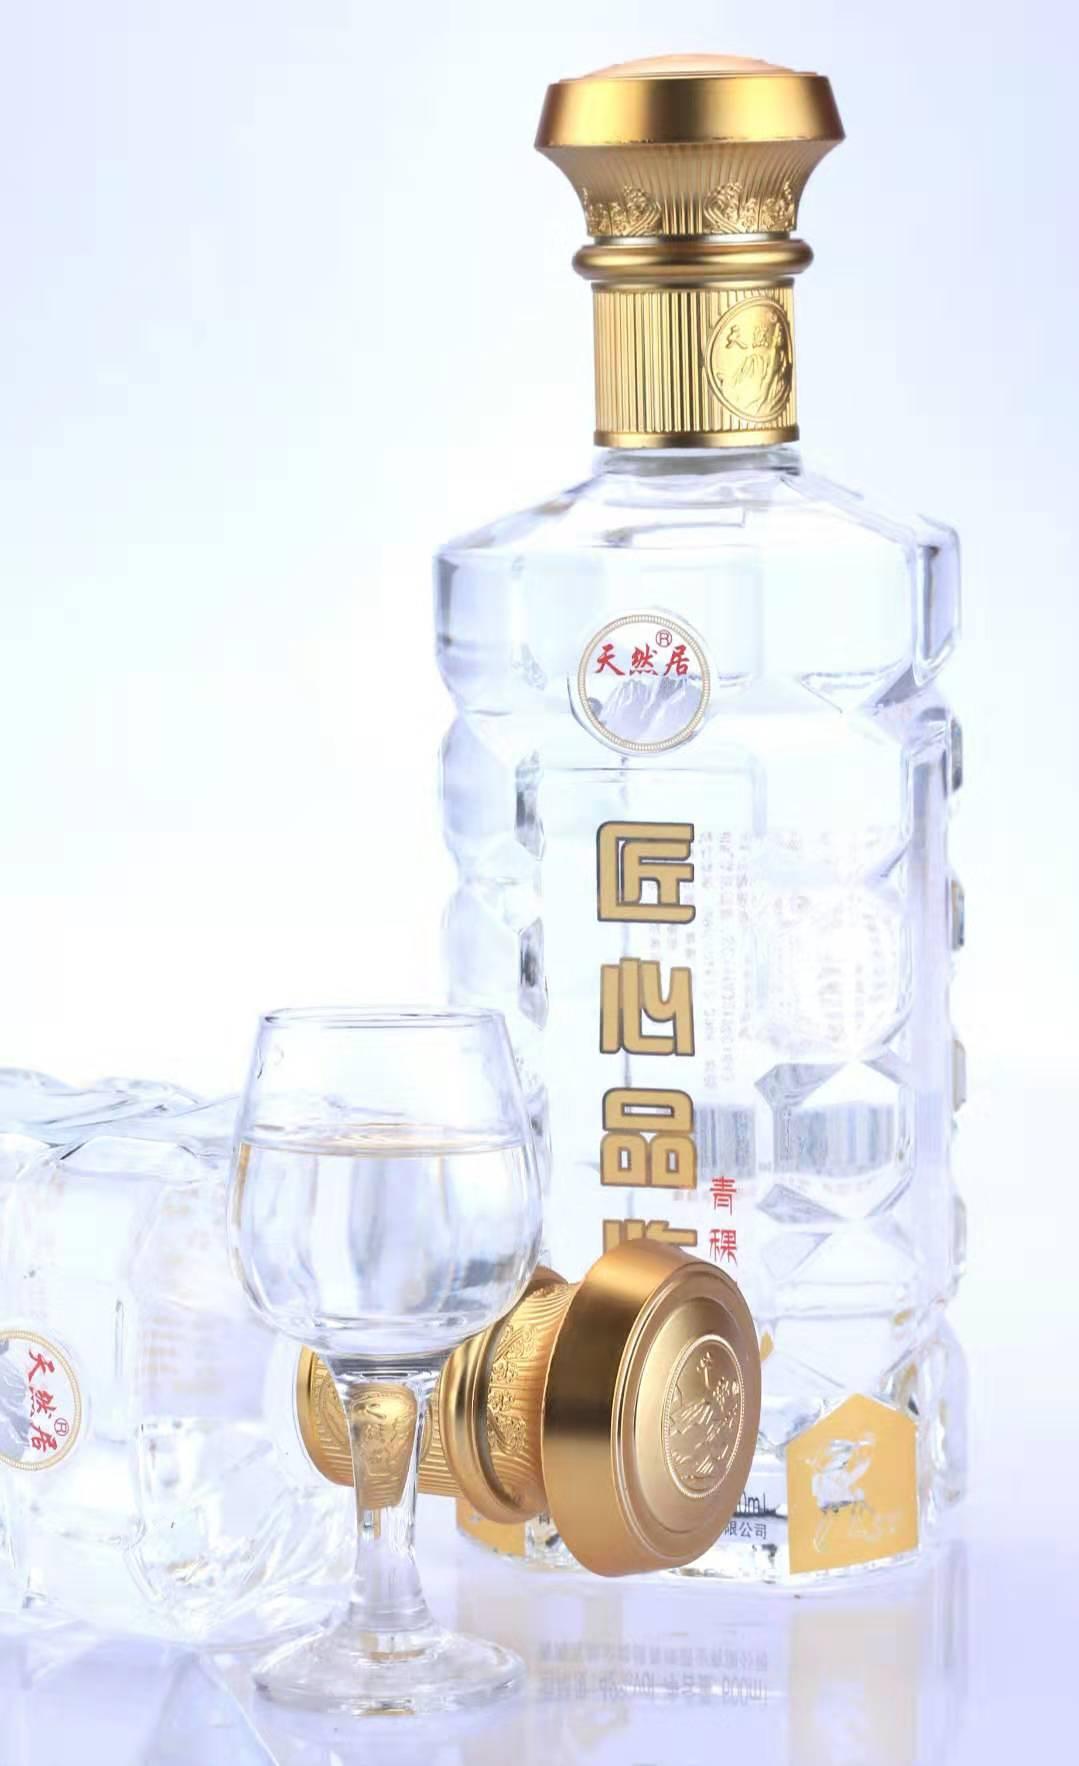 城中区三十年珍藏青稞酒哪家口碑好 真诚推荐「青海互助全盛德青稞酒业供应」